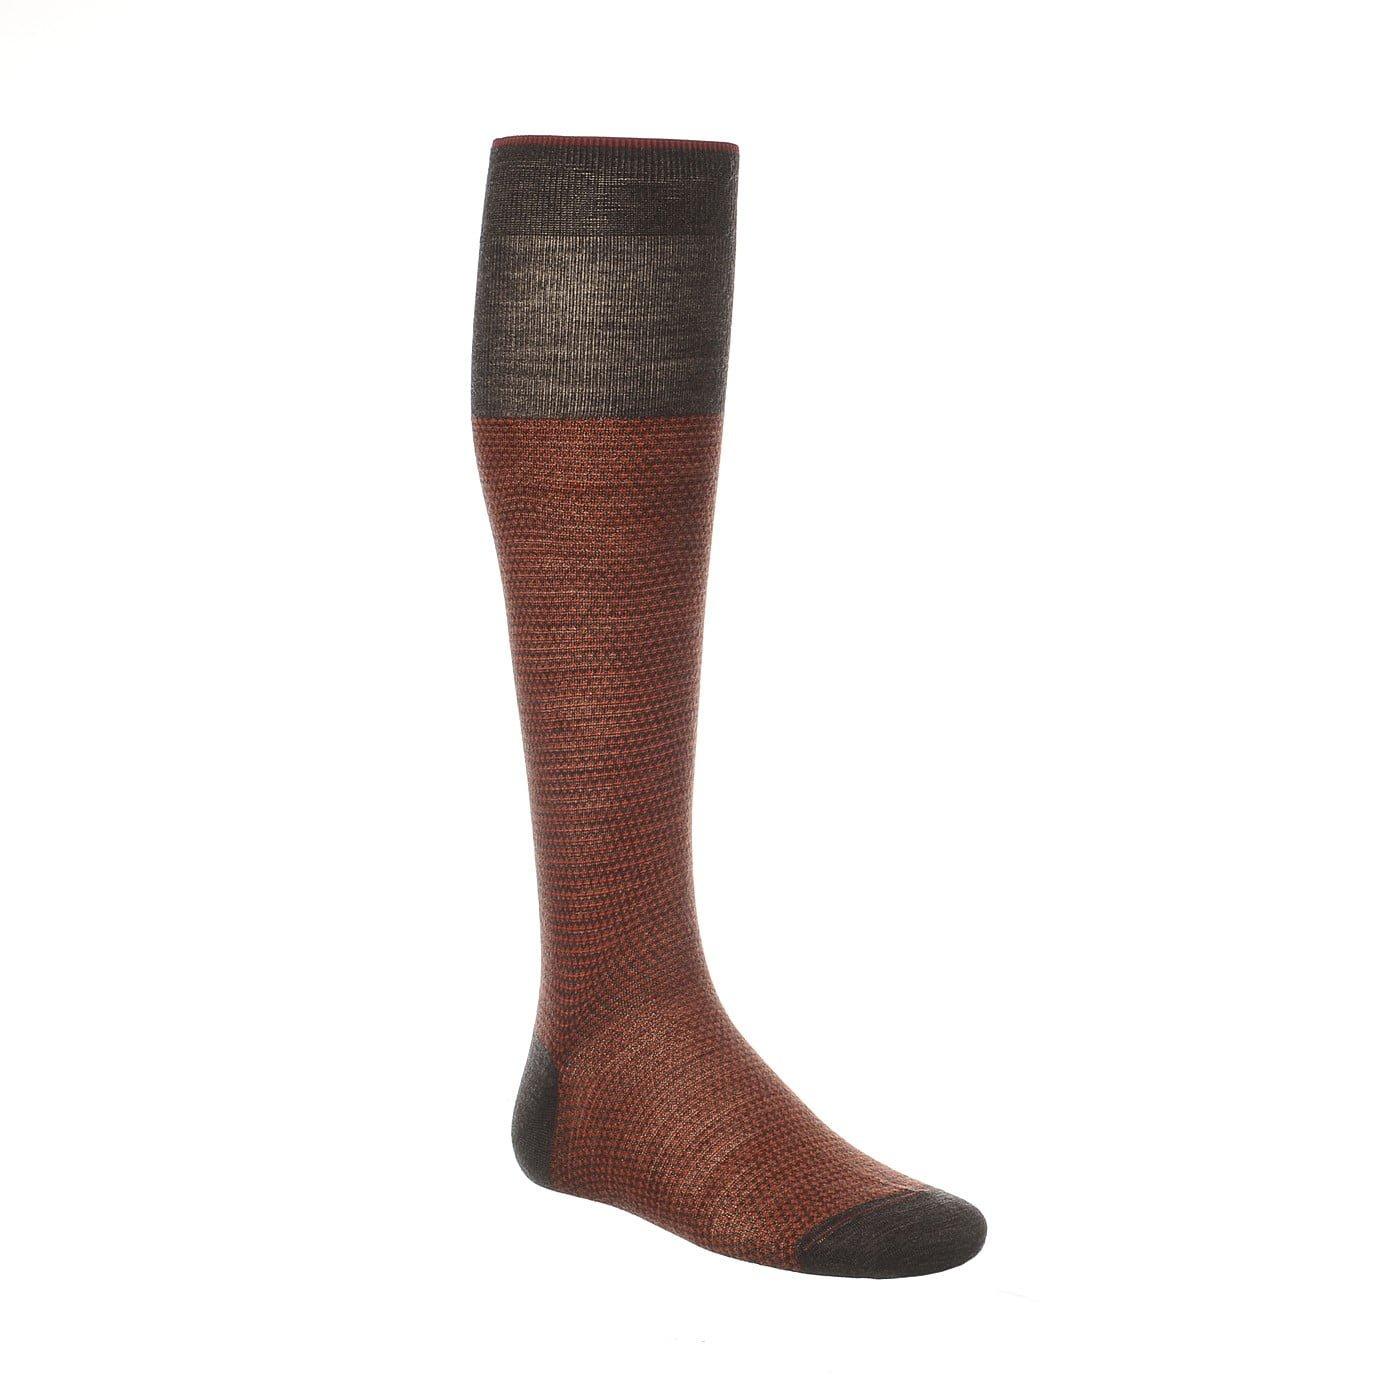 Calze Gallo lana maglia rasata a rombetti